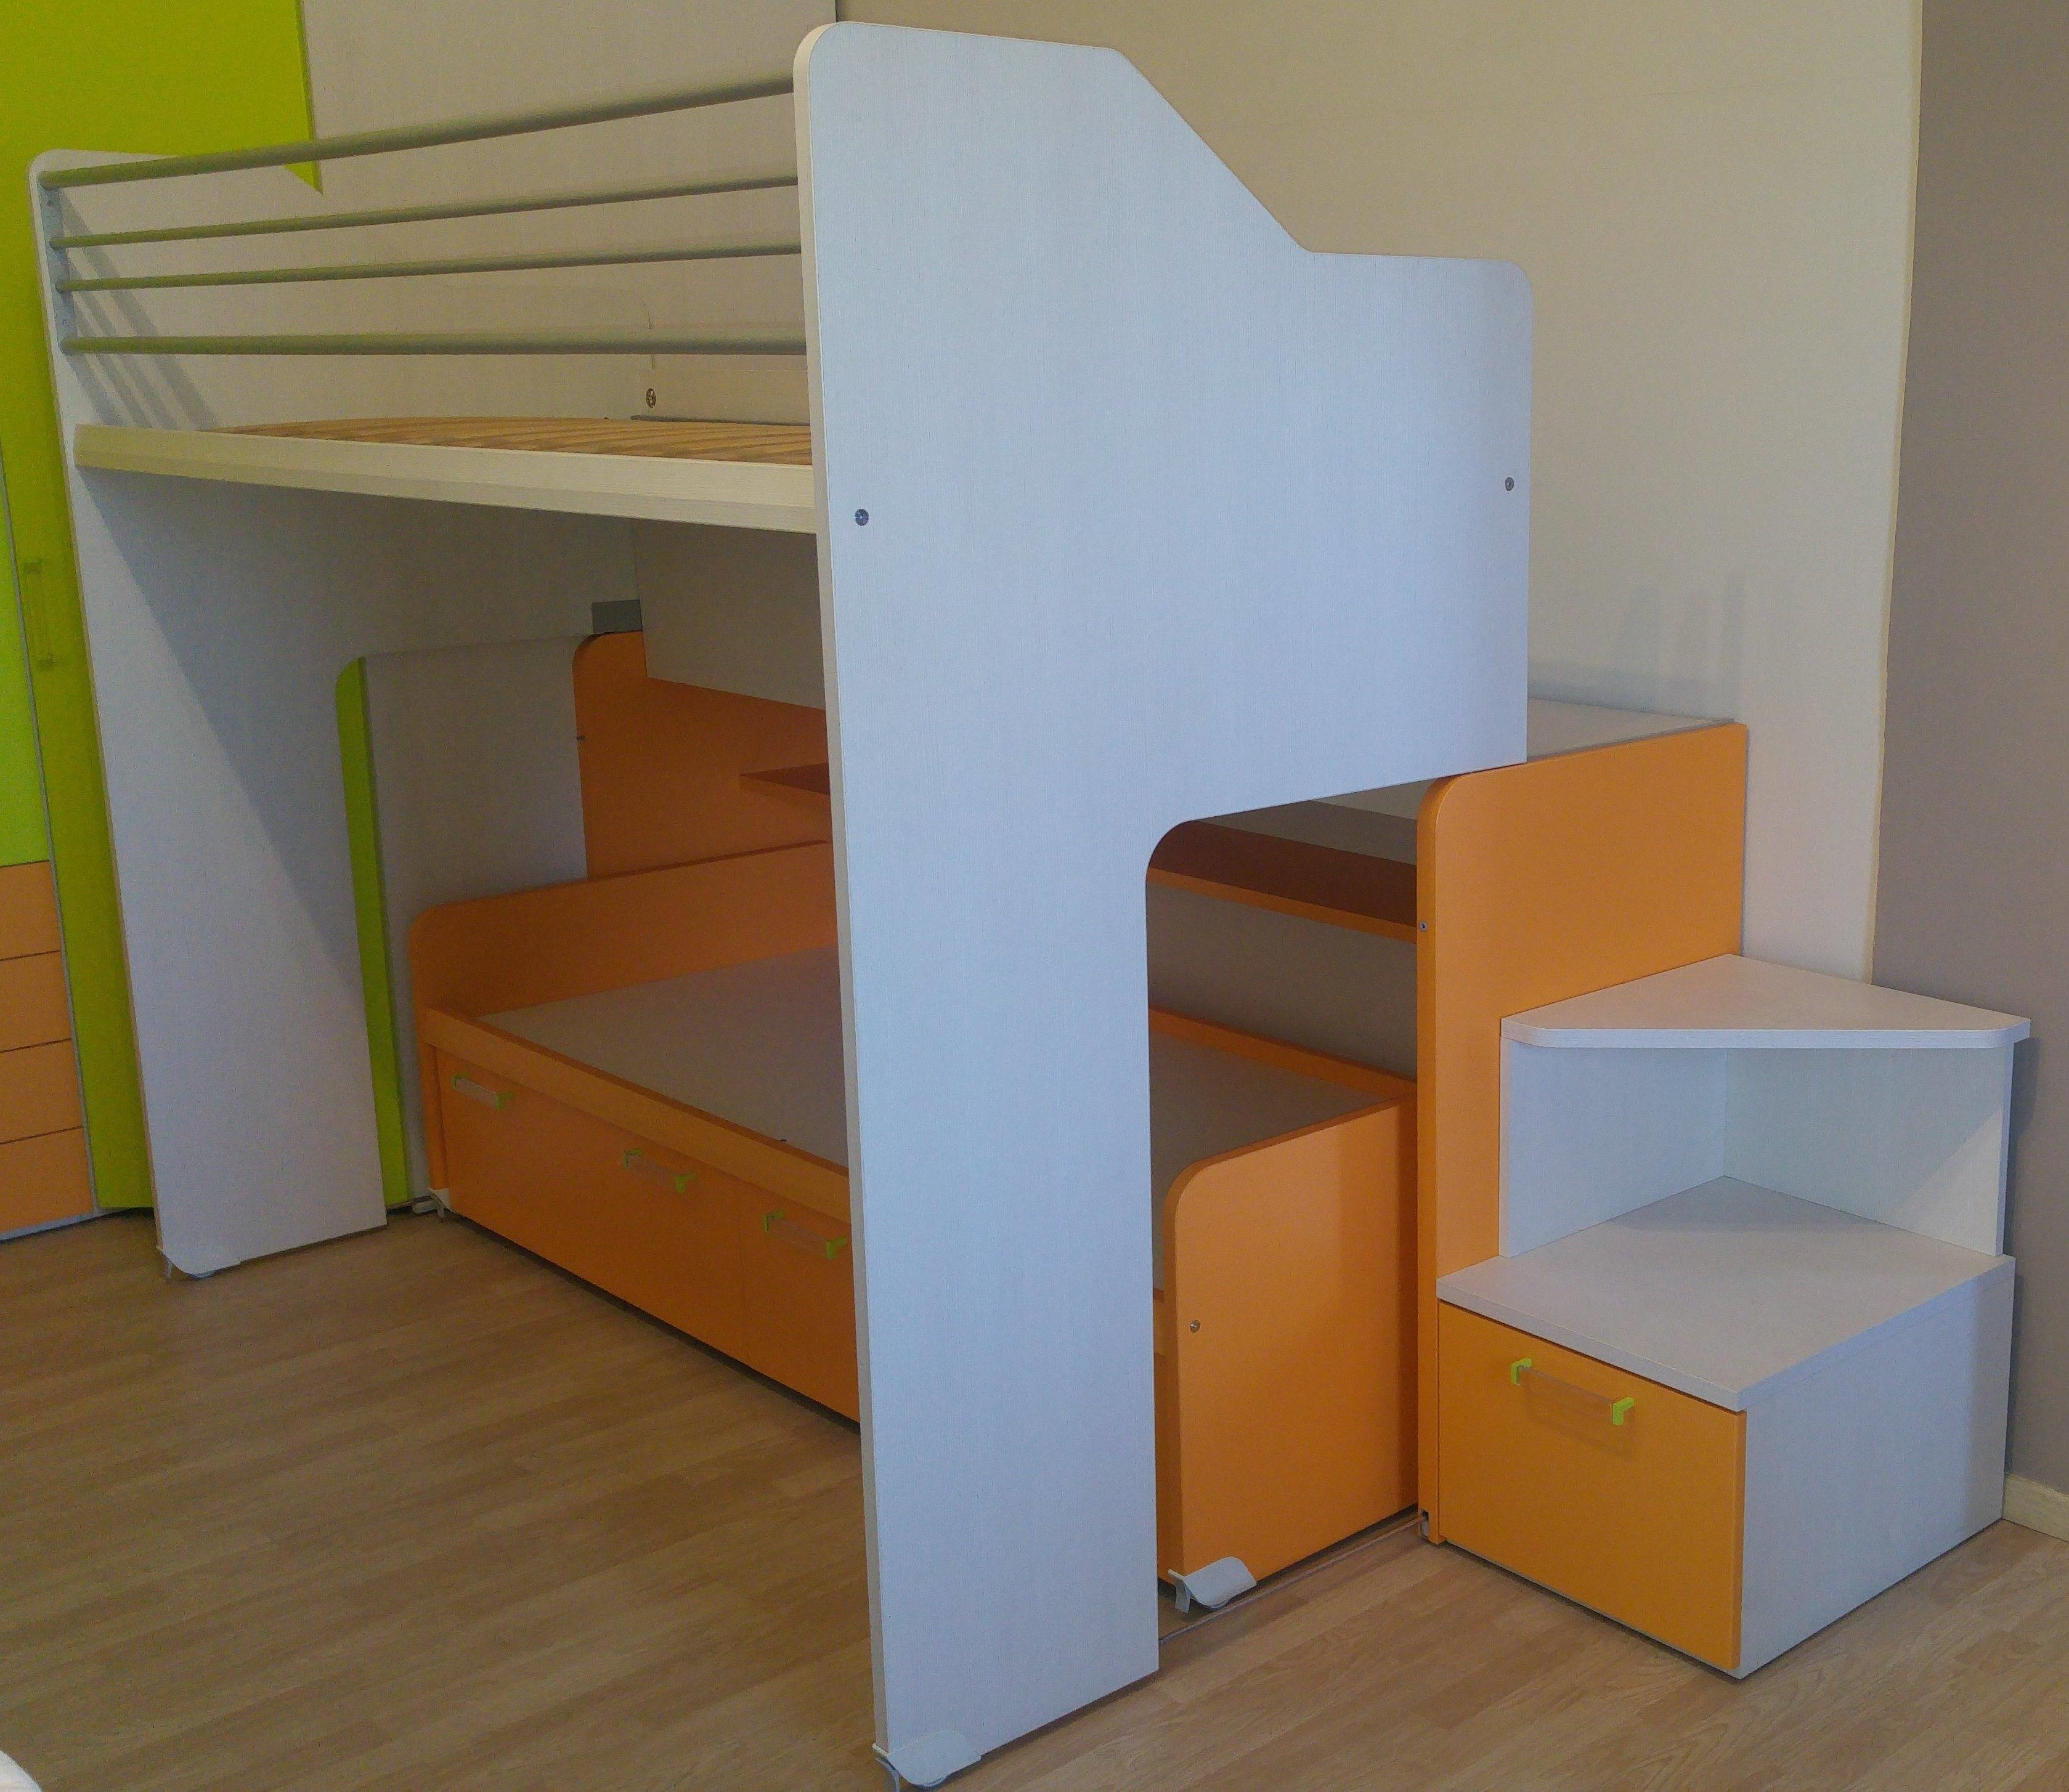 Camerette per ragazzi dielle scontato del 55 camerette for Prezzi della cabina di tronchi di 3 camere da letto